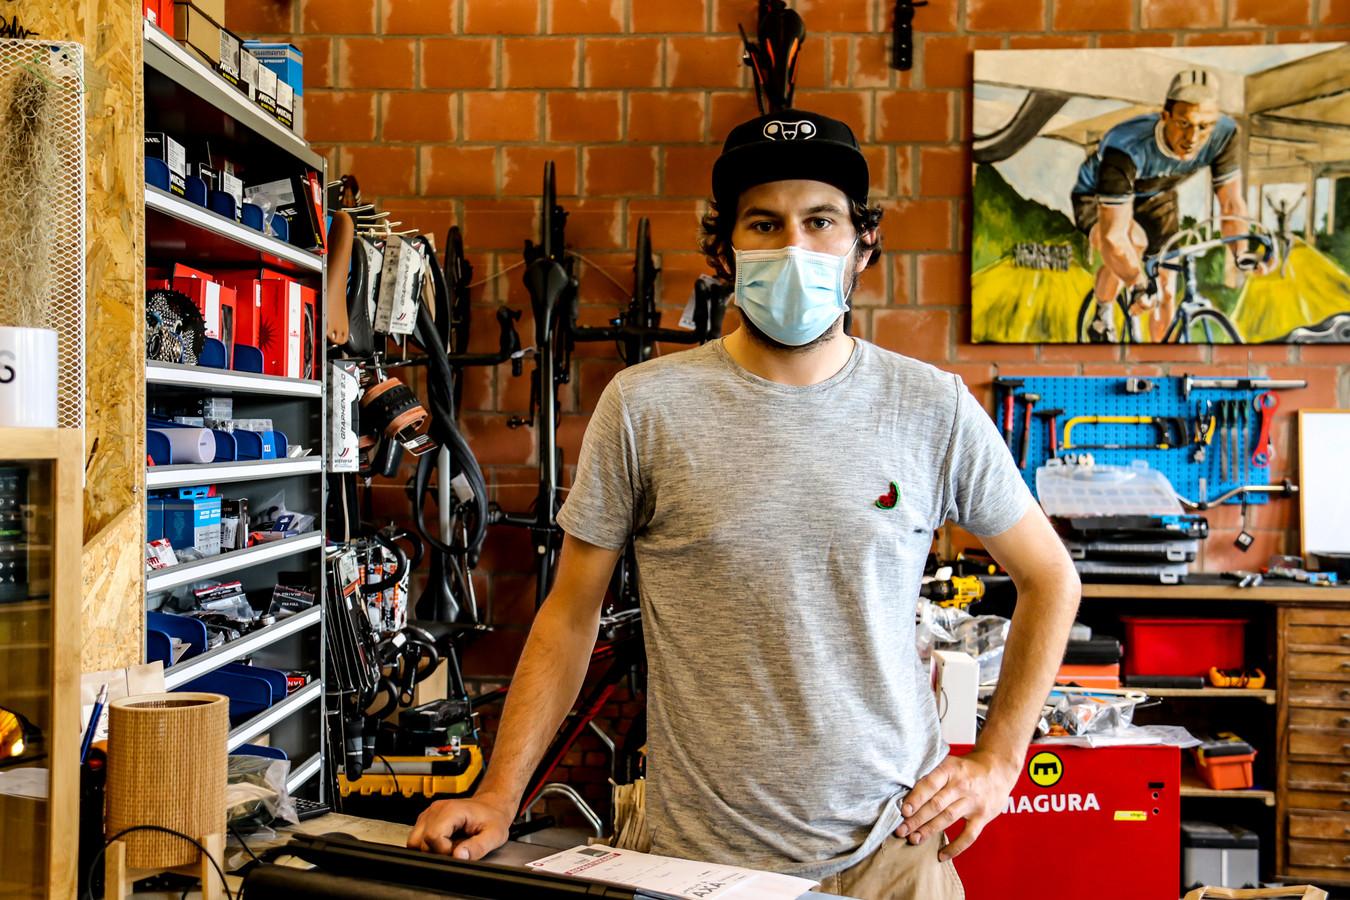 Gert Lijnneel (28) hoopt op een of andere manier zijn fietsen nog terug te krijgen en wil een lans breken om dit soort problemen in de toekomst extra aan te pakken.